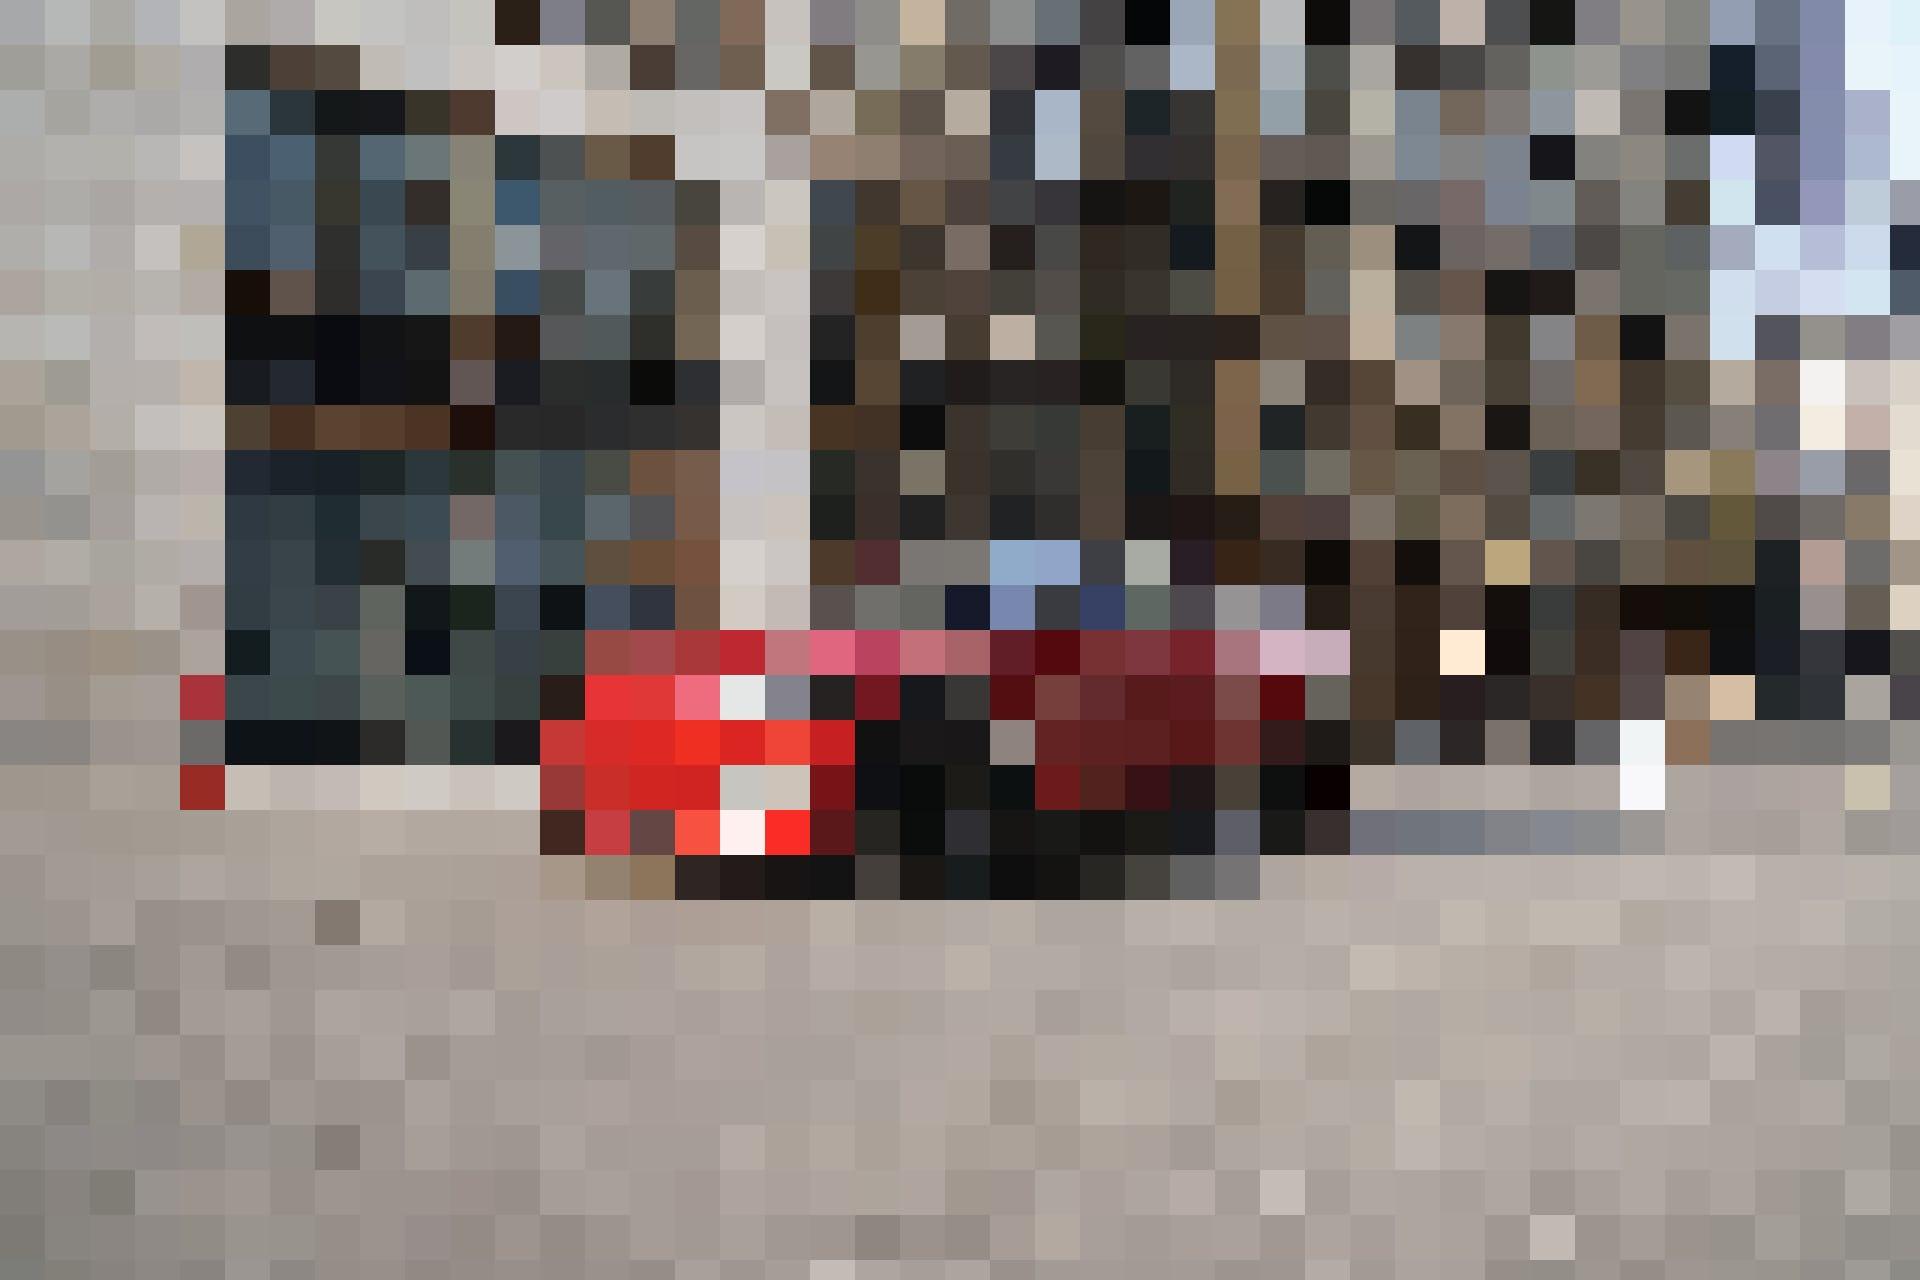 Einmal lautlos über den Münsterhof in Zürich. «Gut, dass man mich kaum hört», sagt der unbekannte Fahrer.